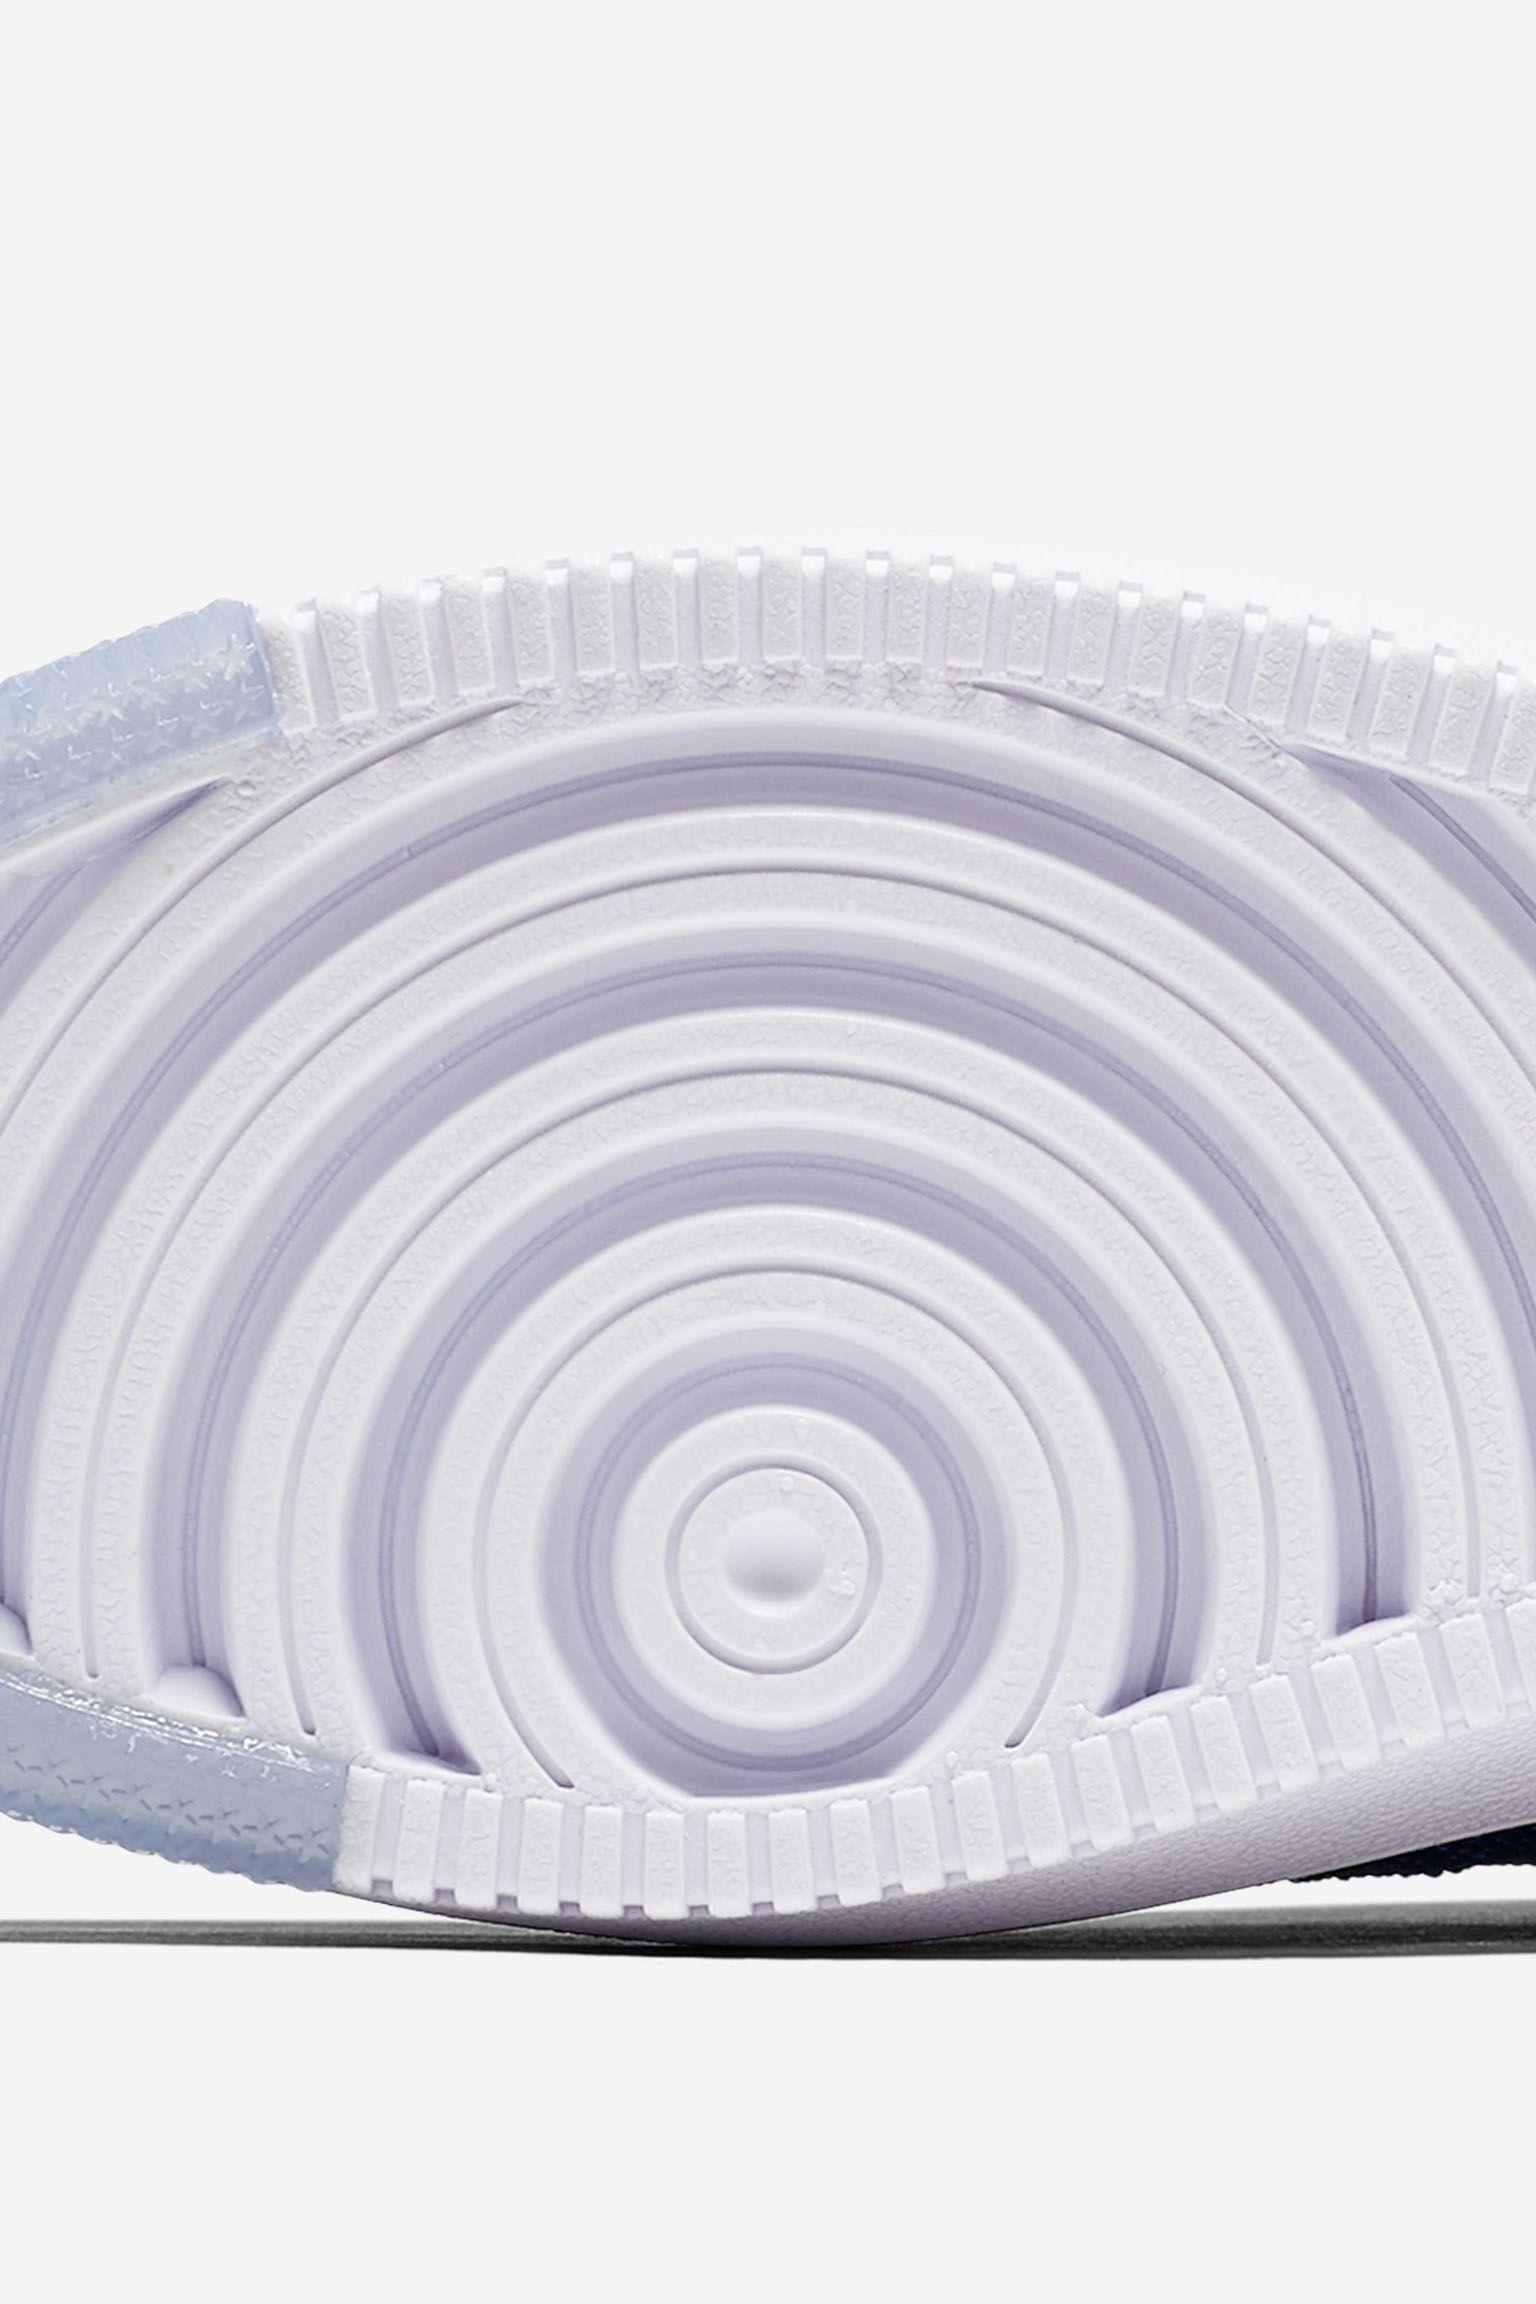 Women's Nike Air Force 1 Ultra Flyknit Low 'Digital Pink' Release Date